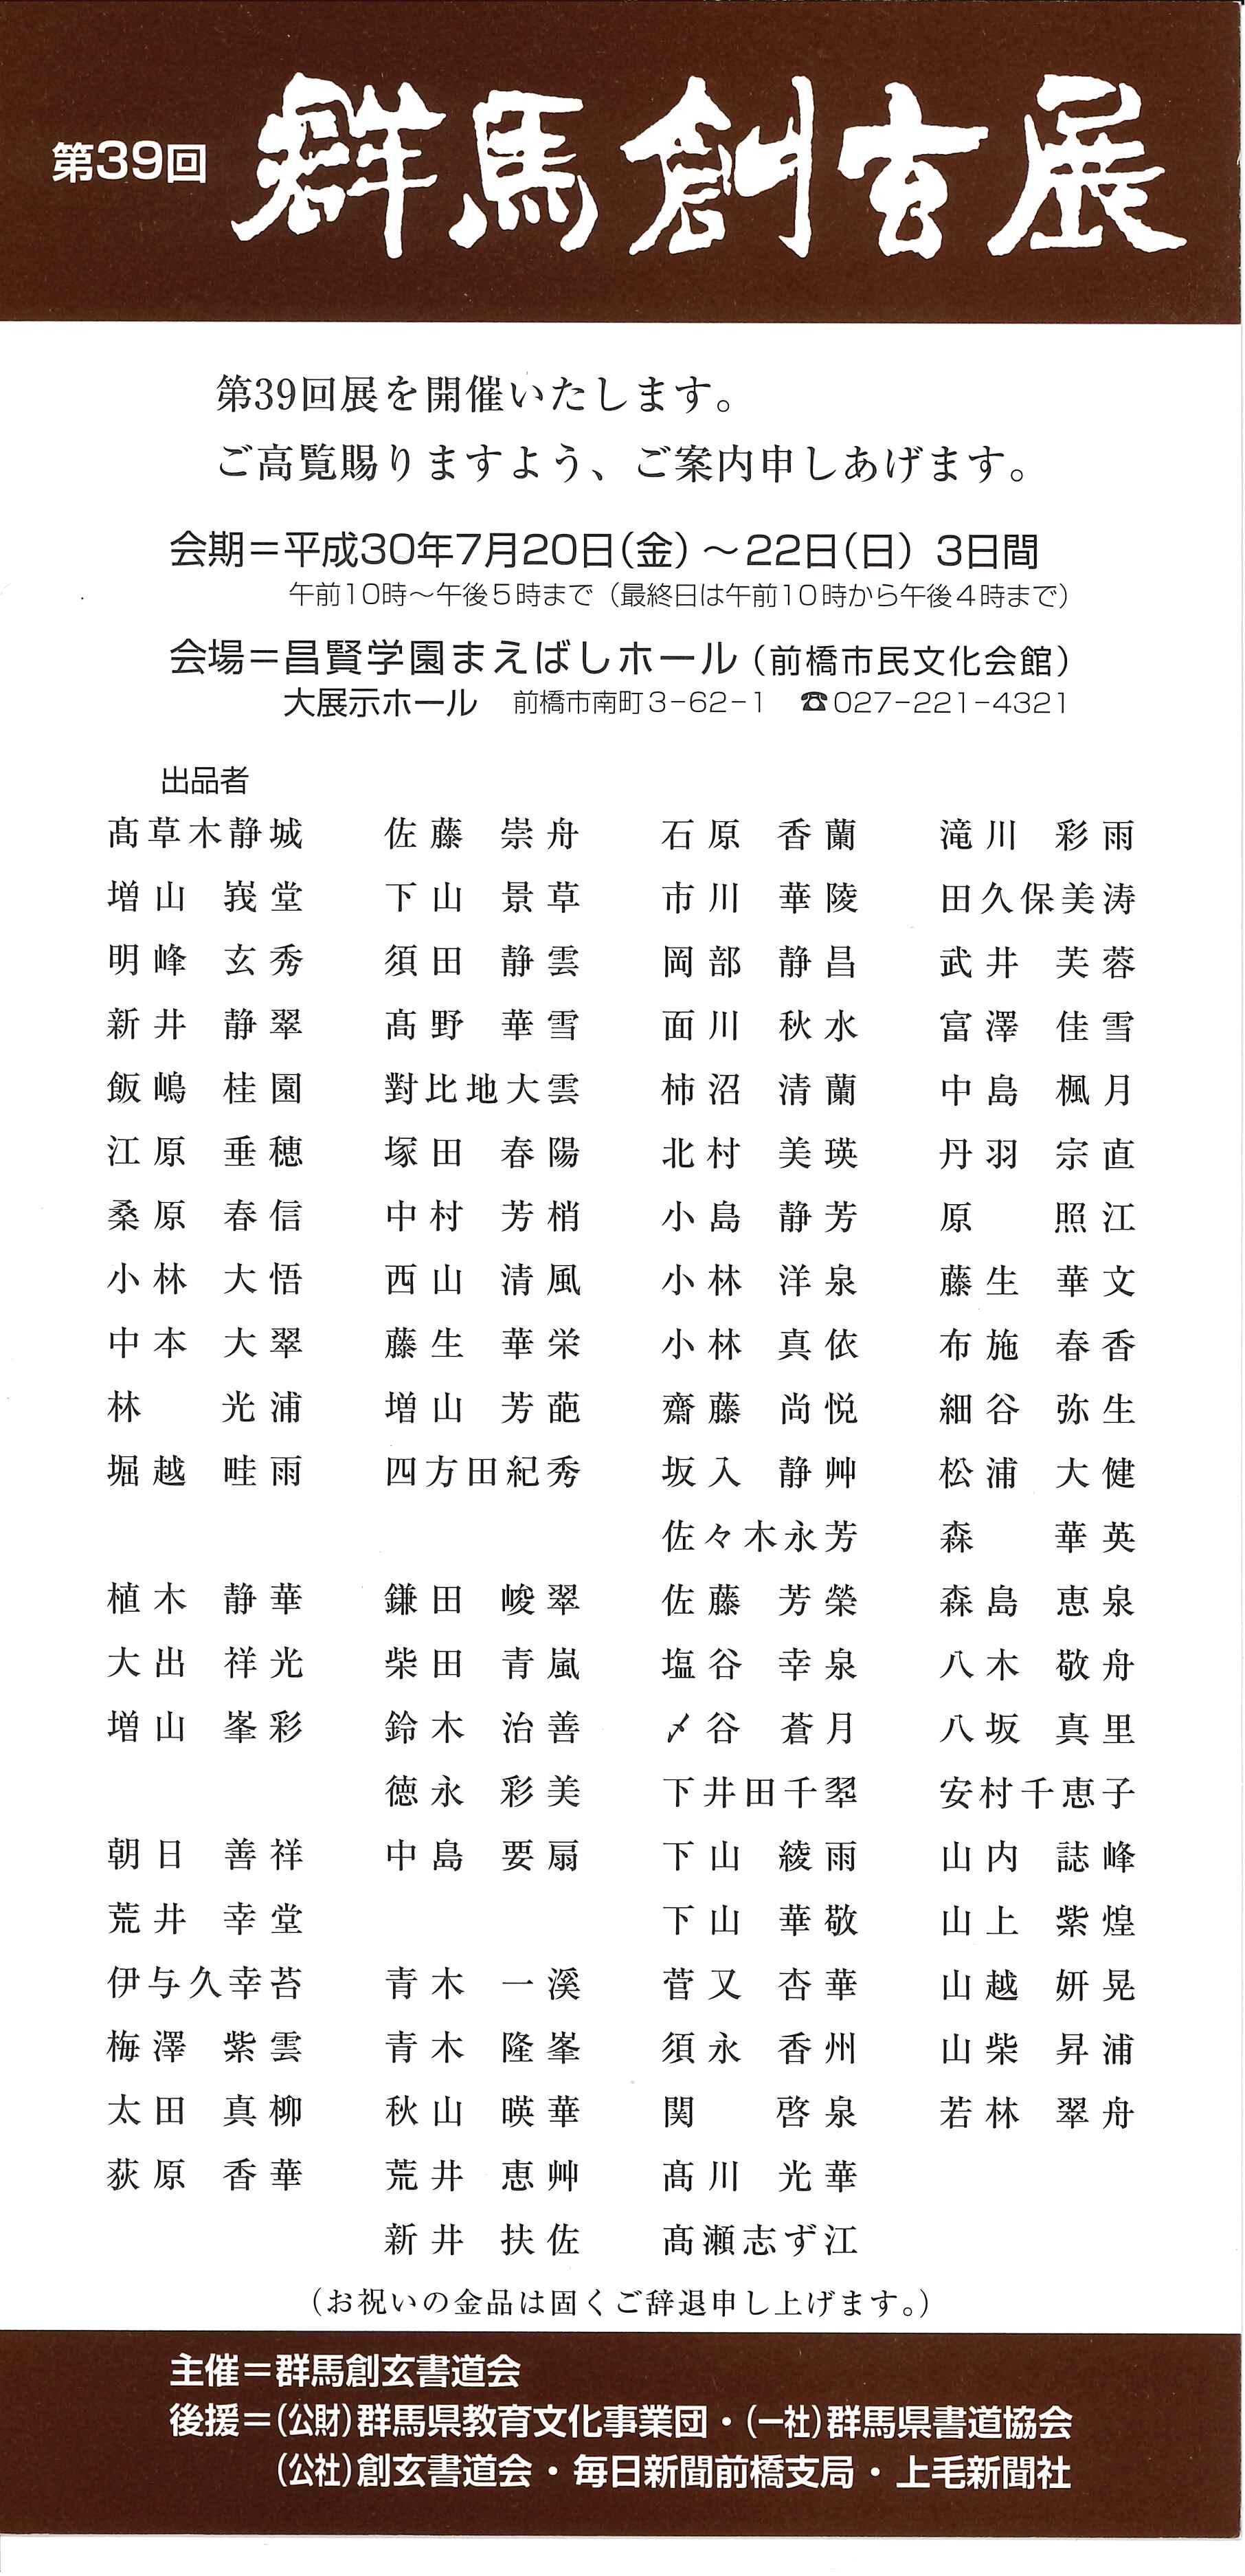 http://www.sogen.or.jp/letter/2018/07/12/20180712090559661_0001.jpg